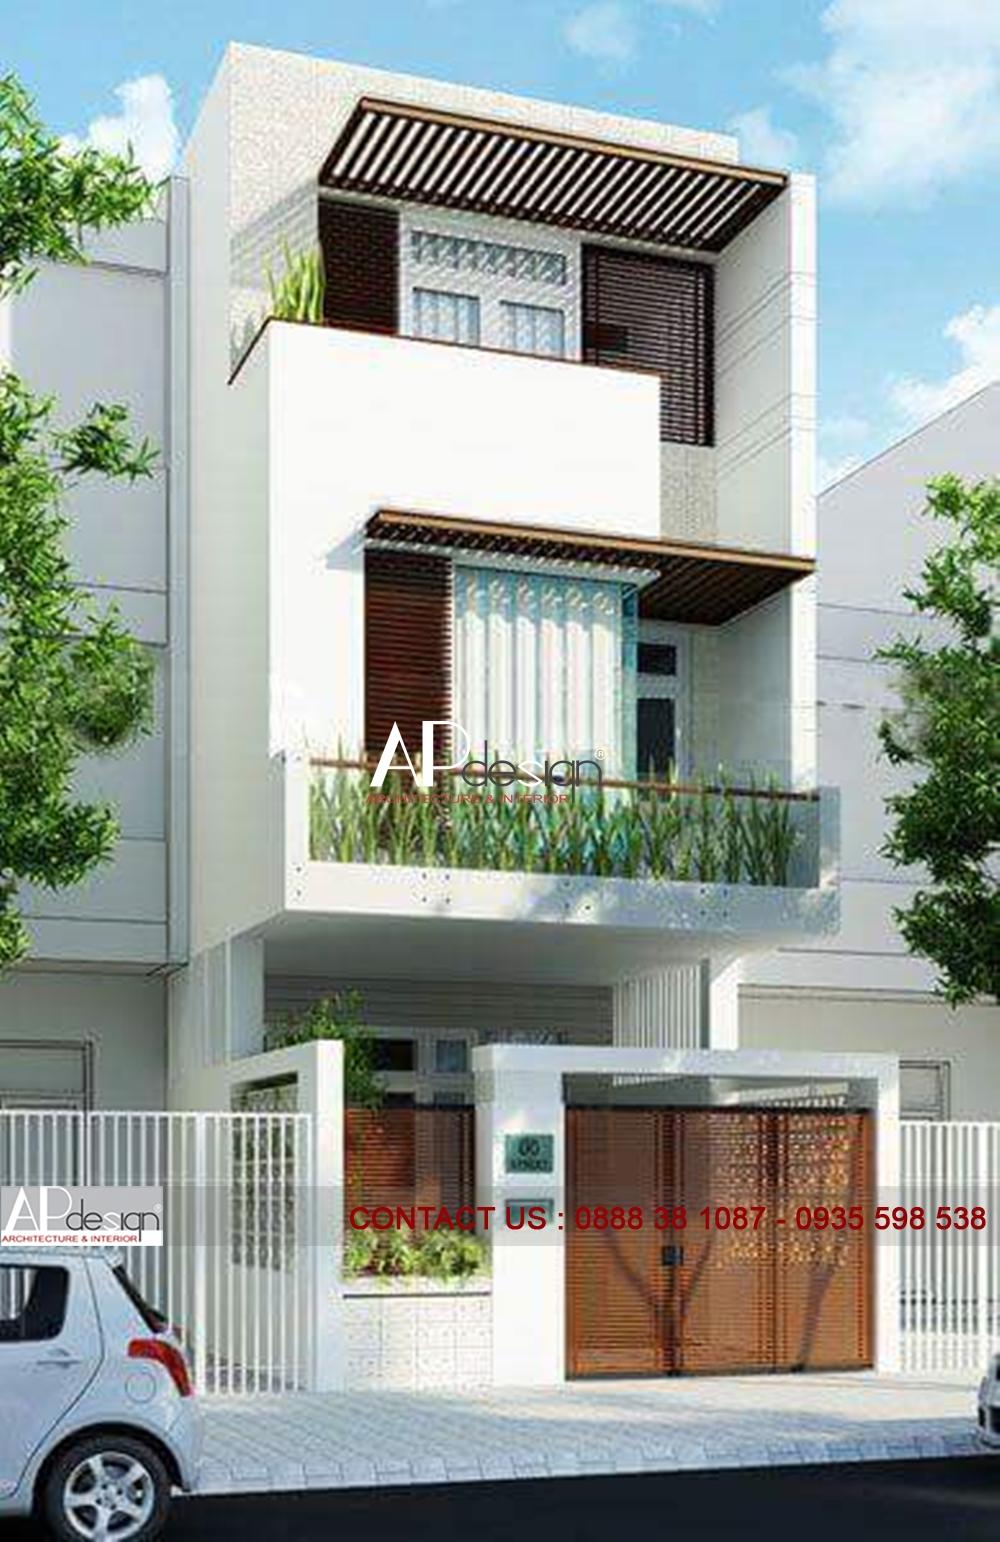 Front Elevation Of 6 Marla House : MẪu thiẾt kẾ nhÀ Ống ĐẸp mẶt tiỀn m thiết kế nhà đẹp i